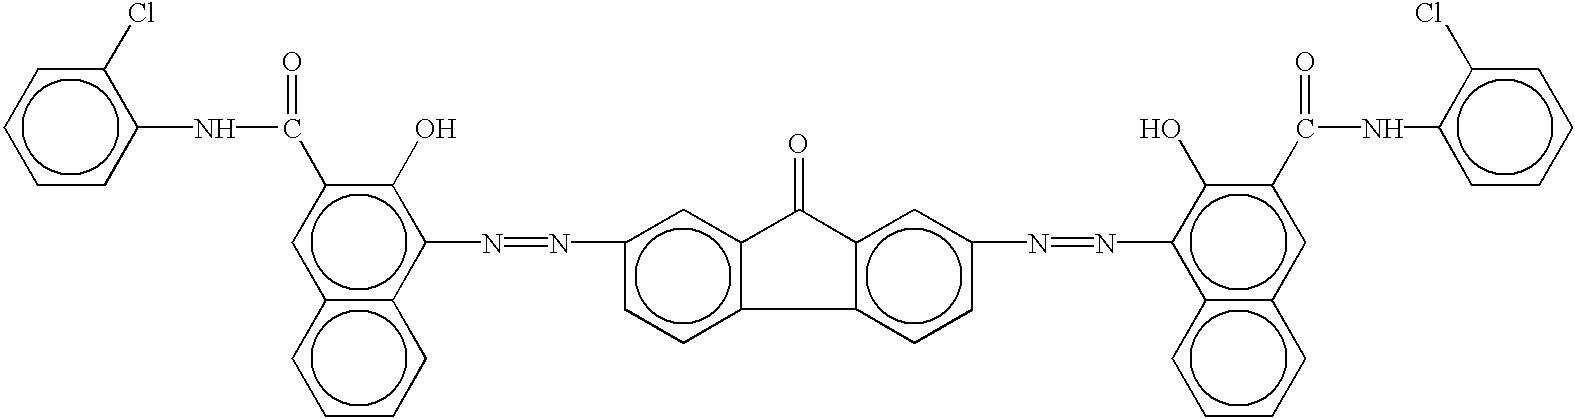 Figure US06939651-20050906-C00024